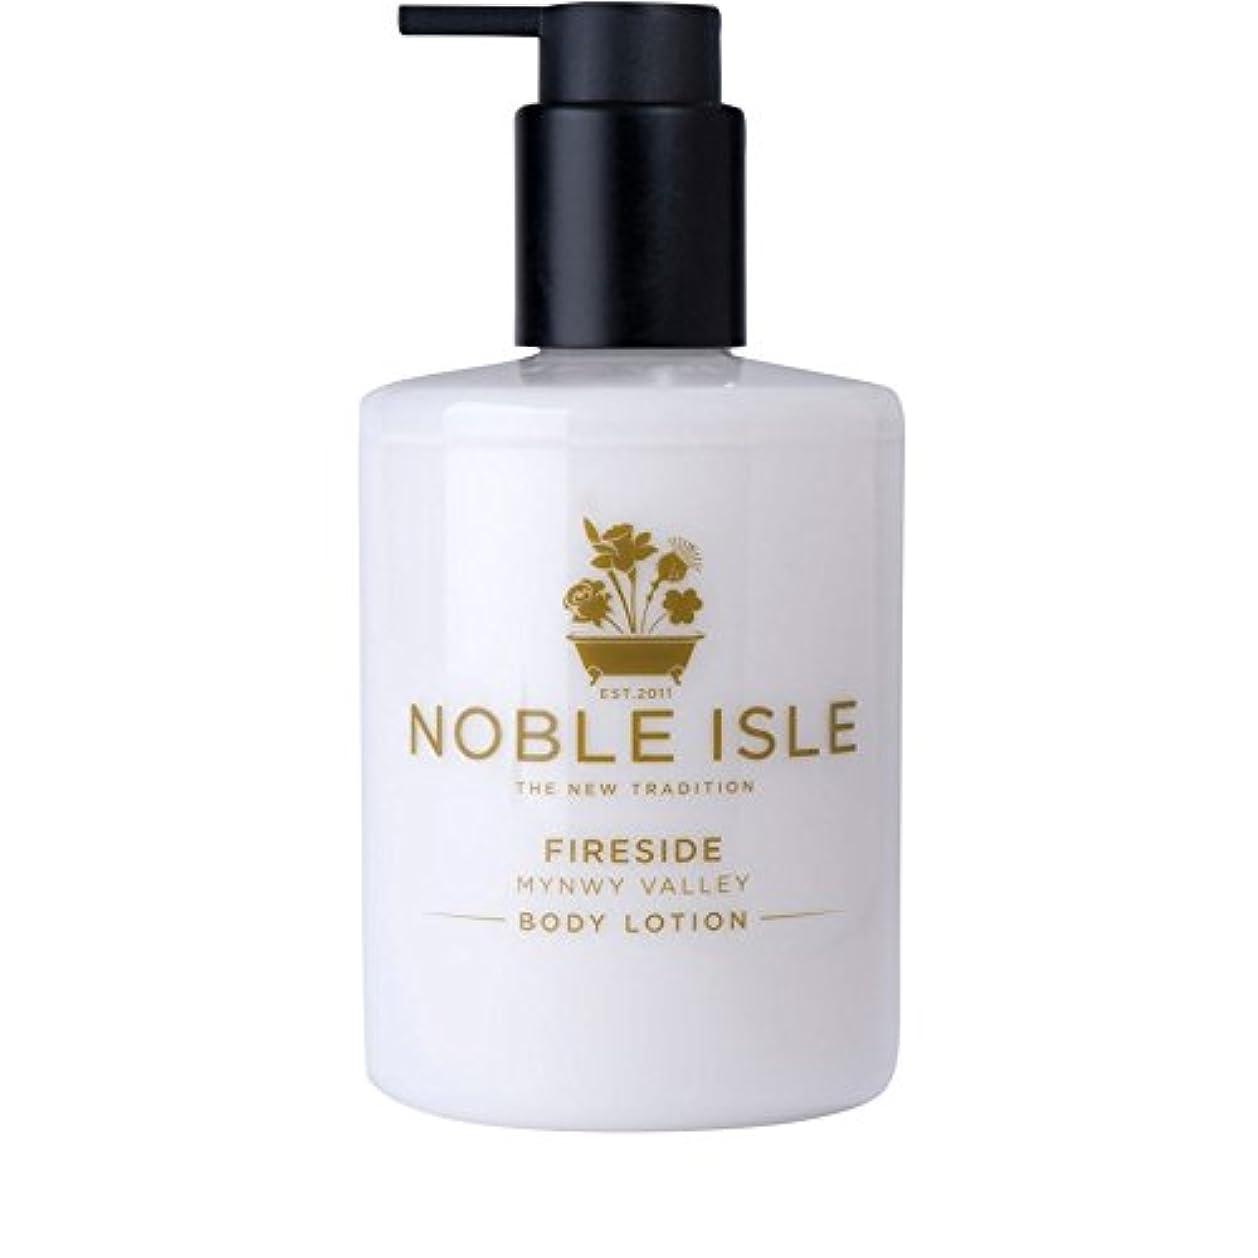 プレフィックス観察する比率Noble Isle Fireside Mynwy Valley Body Lotion 250ml (Pack of 6) - 高貴な島炉端谷のボディローション250ミリリットル x6 [並行輸入品]